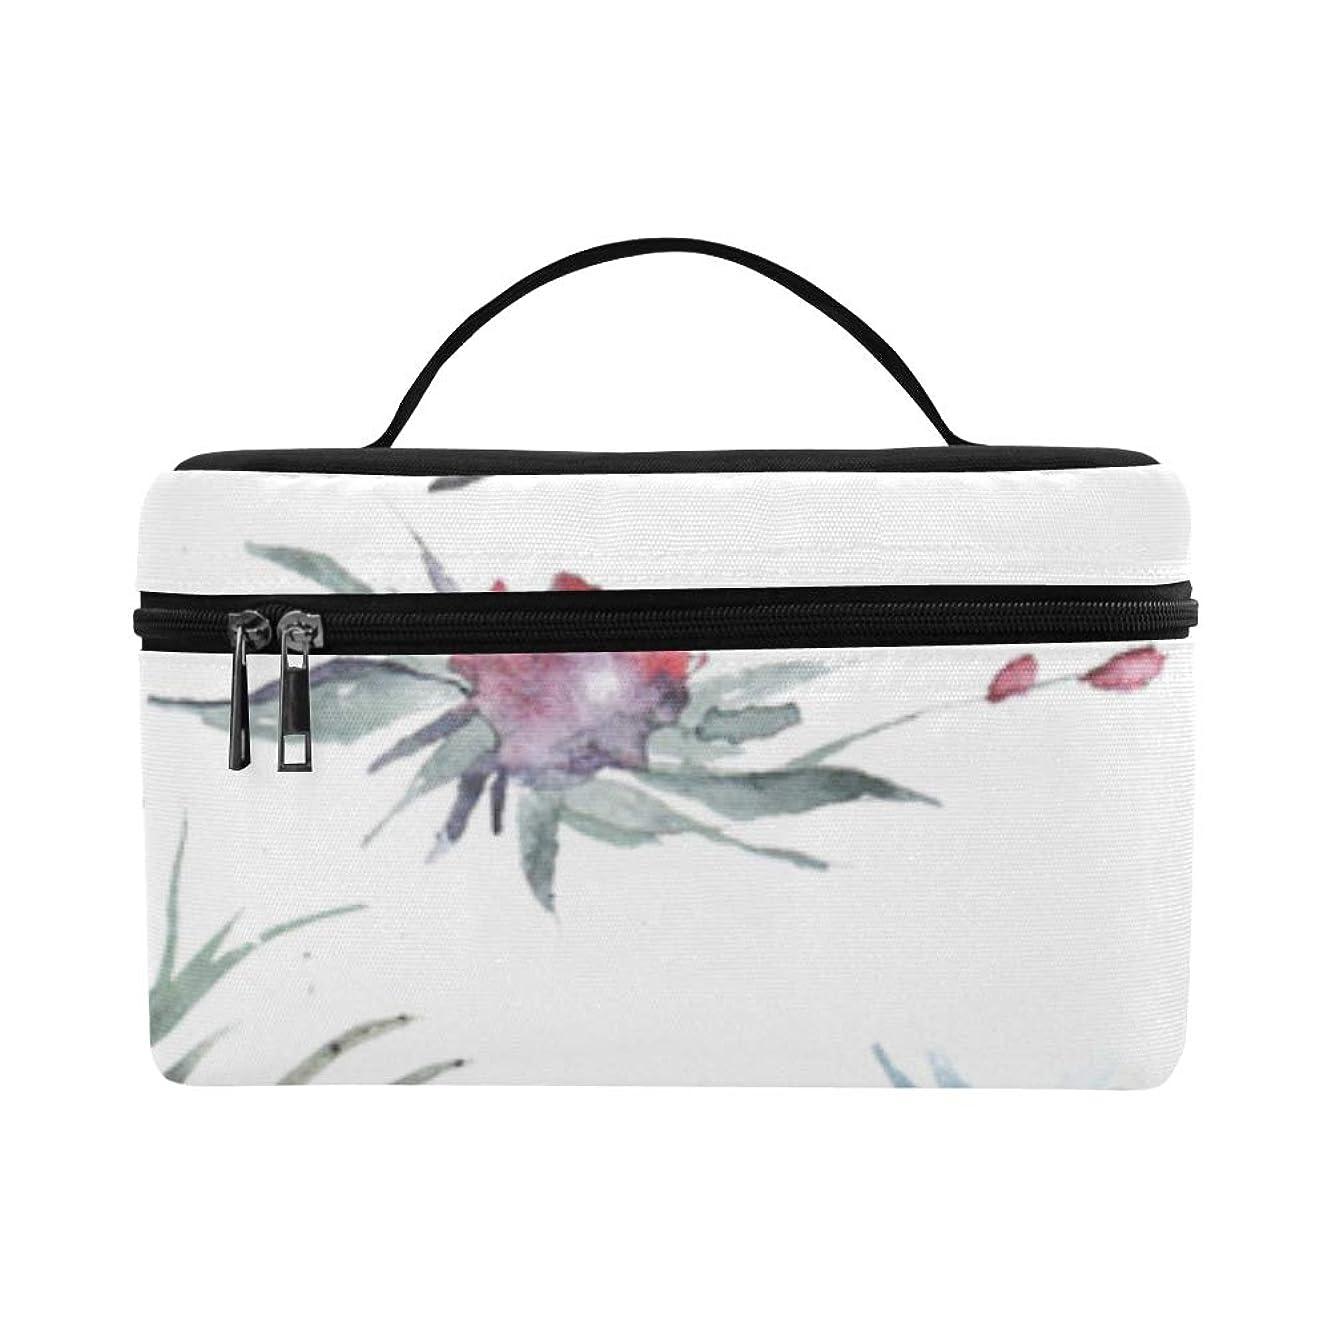 記事氏植物学KWESG メイクボックス 紫色の花 コスメ収納 化粧品収納ケース 大容量 収納ボックス 化粧品入れ 化粧バッグ 旅行用 メイクブラシバッグ 化粧箱 持ち運び便利 プロ用